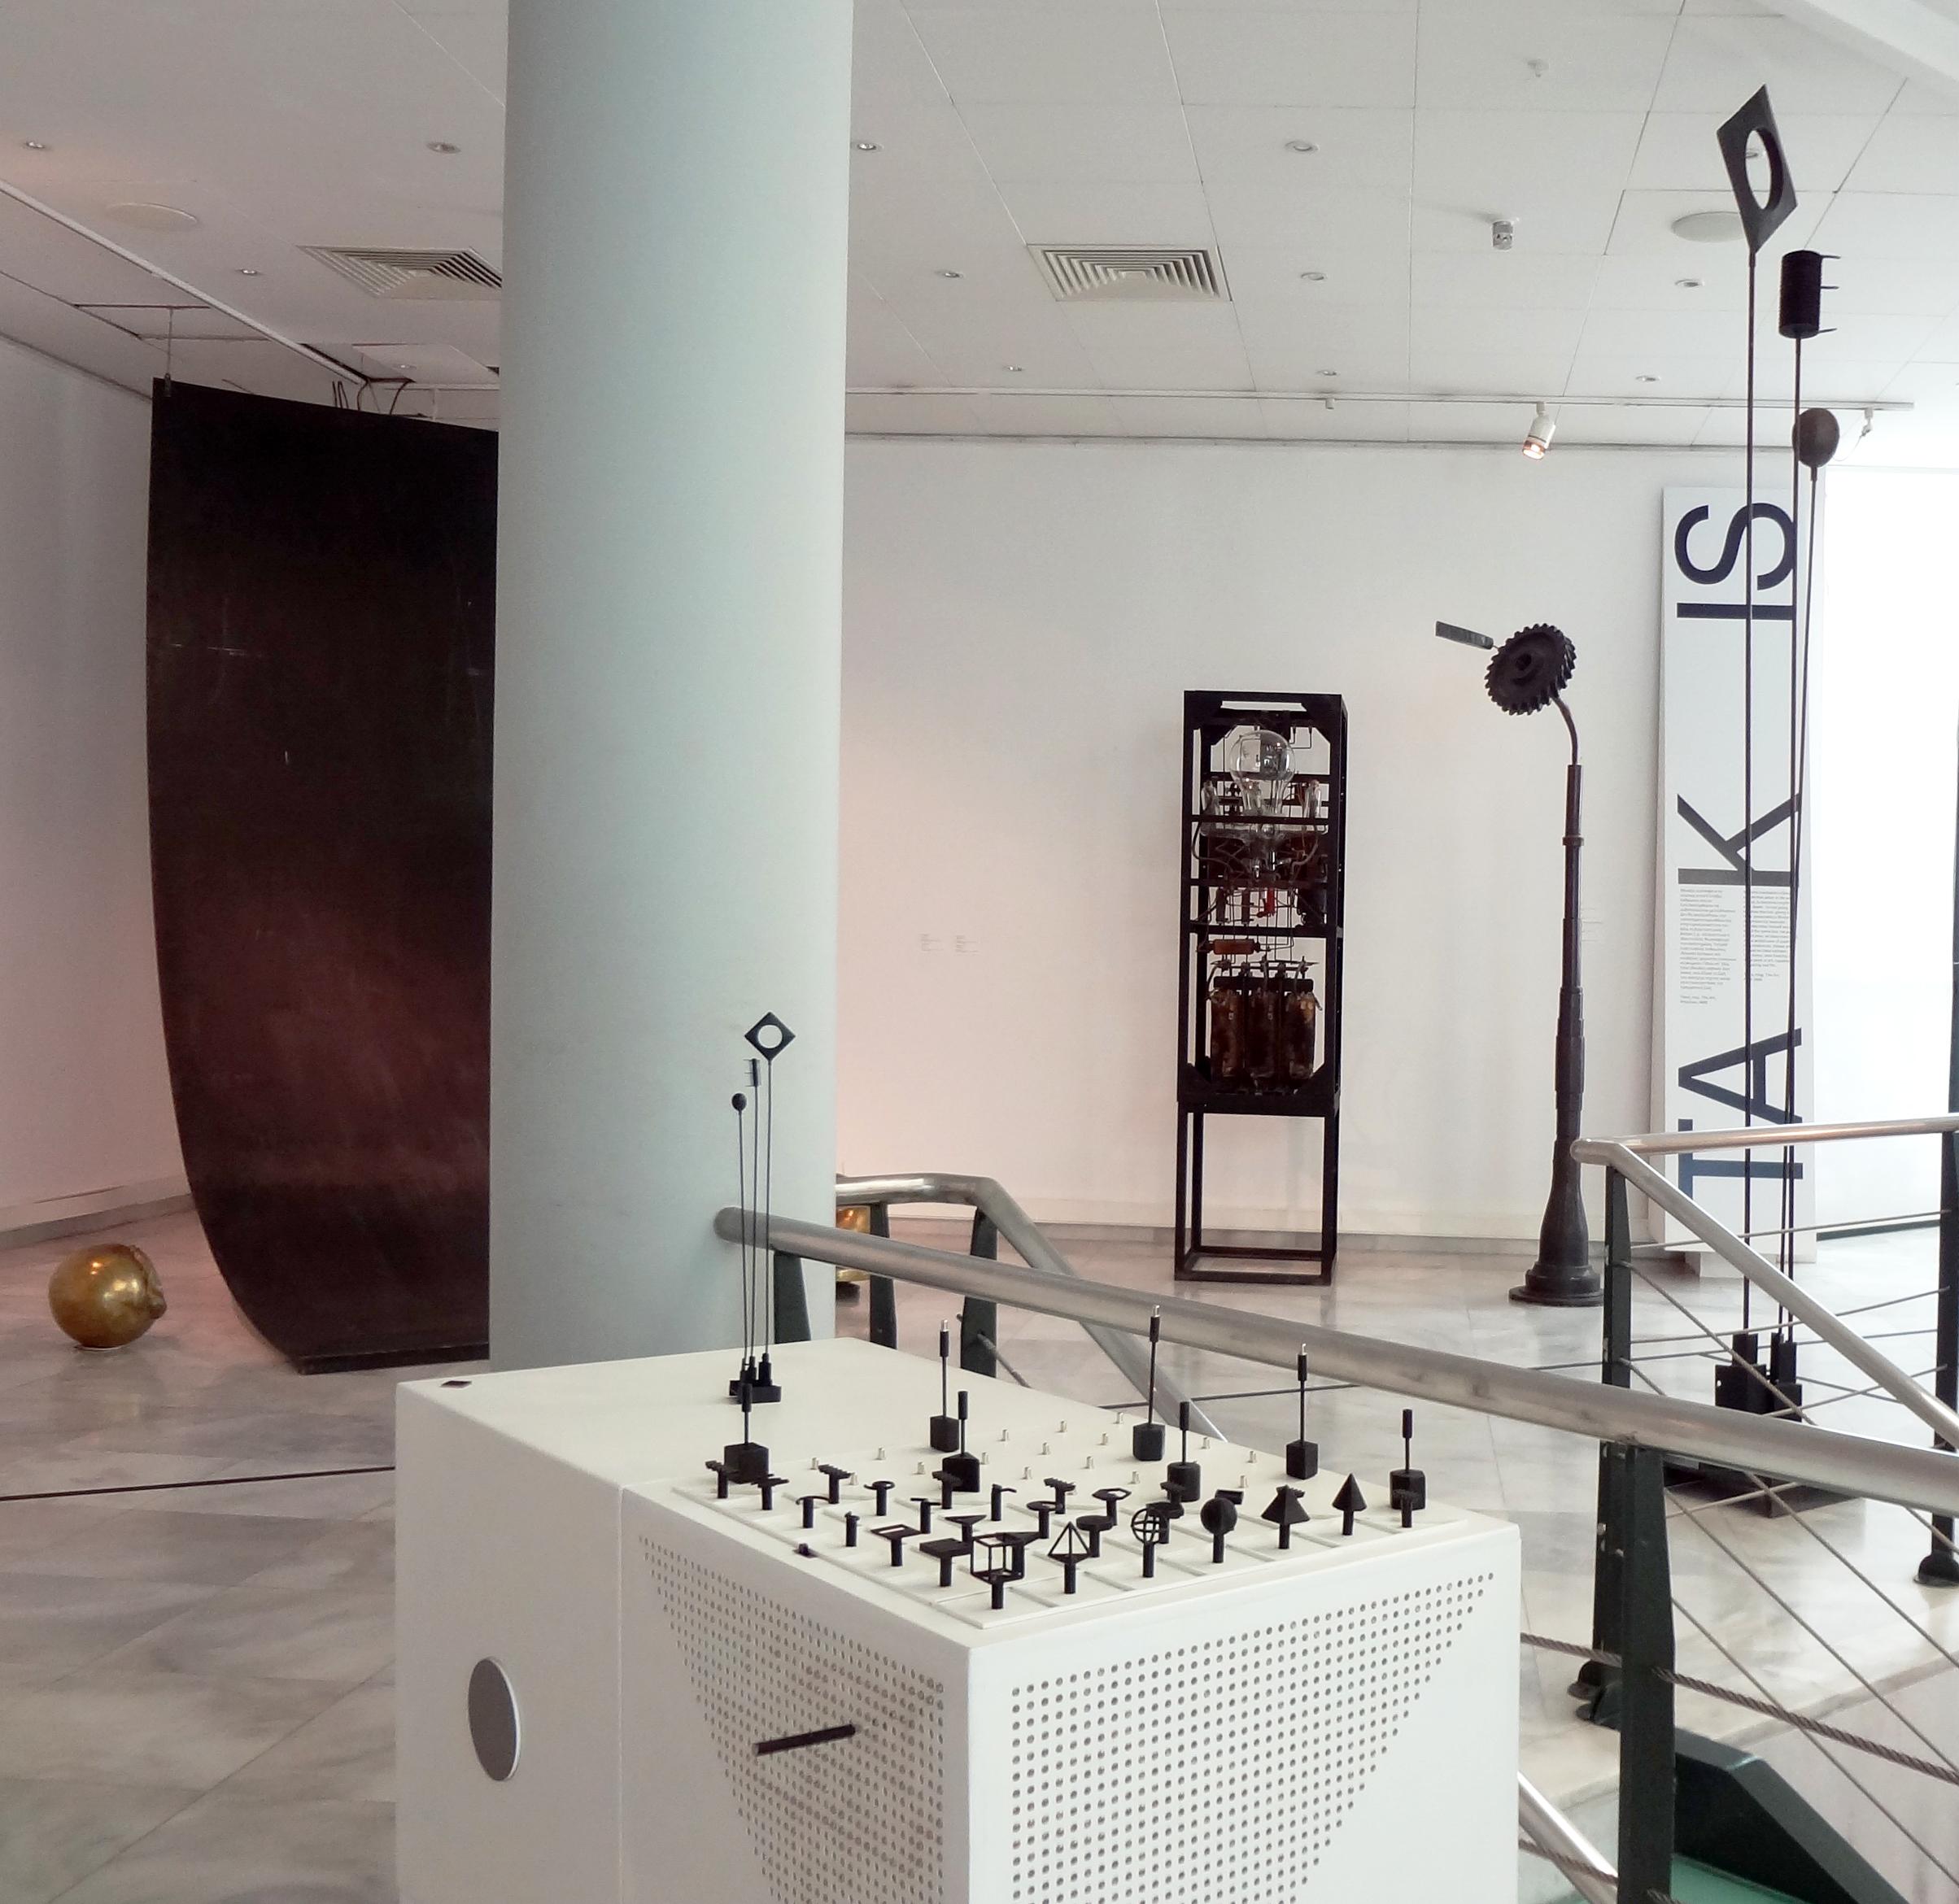 Διαδραστικά Μουσειοπαιδαγωγικά Αντικείμενα για την ερμηνεία του έργου Σινιάλα του καλλιτέχνη Τάκι, της συλλογής του MOMus-Μουσείου Σύγχρονης Τέχνης. Τα αντικείμενα έχουν τοποθετηθεί σε ένα ξύλινο λευκό κουτί και περιλαμβάνουν ένα αντίγραφο του έργου τέχνης σε μικρότερη κλίμακα, έναμαγνητικό πίνακα αλληλεπίδρασης και στοιχεία που παρουσιάζουν τα βασικά γεωμετρικά σχήματα, είδη γραμμών και μια ηχητική ερμηνεία των βασικών χρωμάτων.